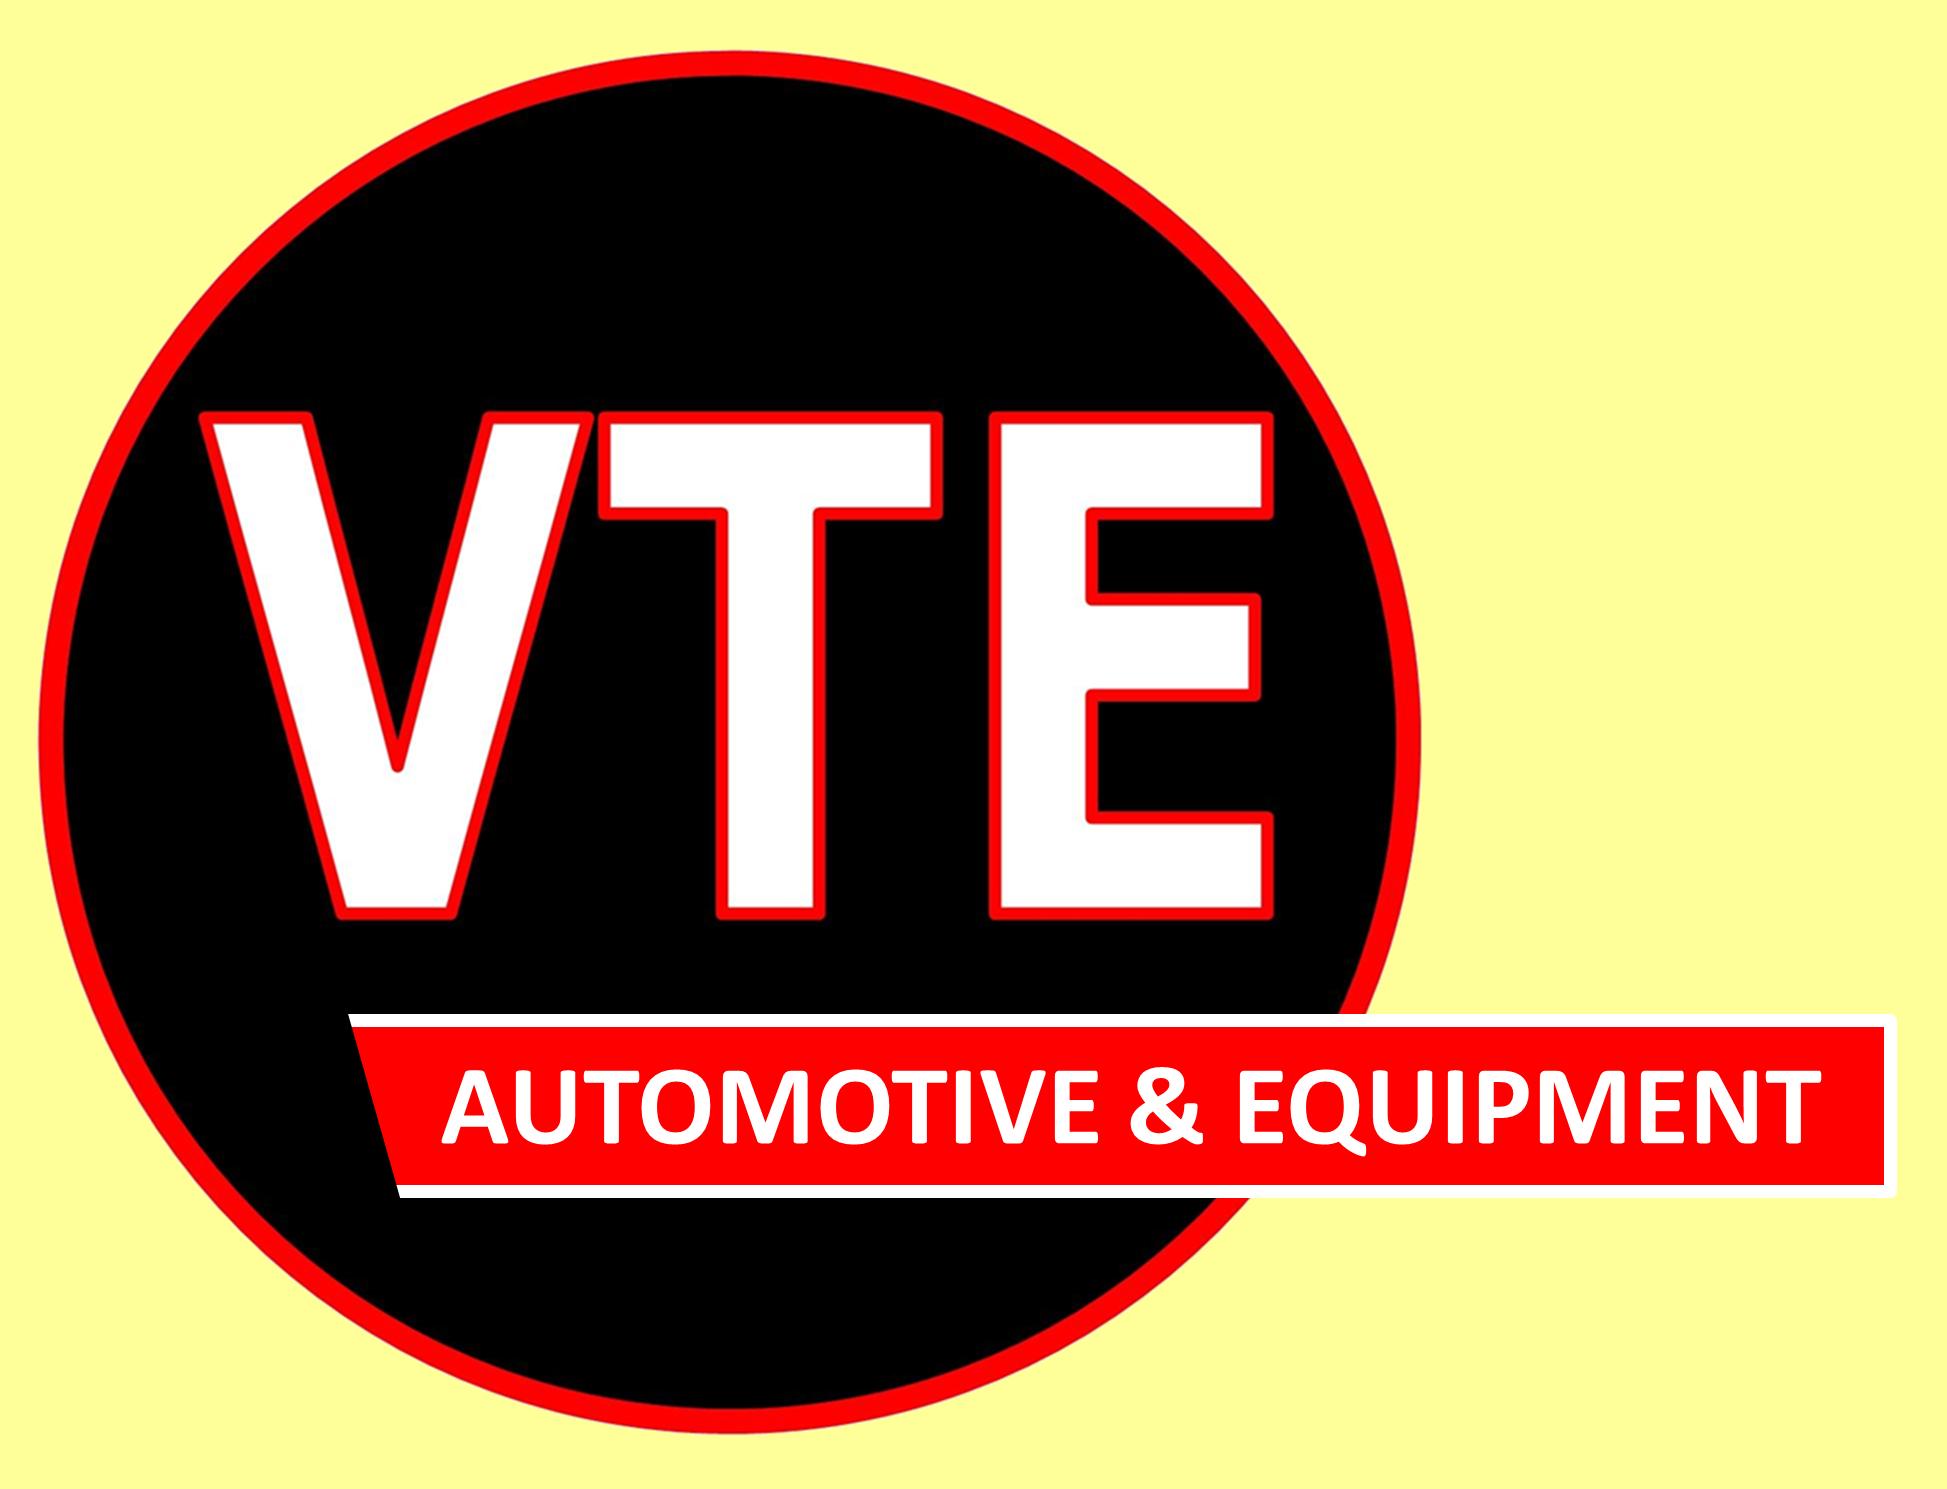 VTE logo